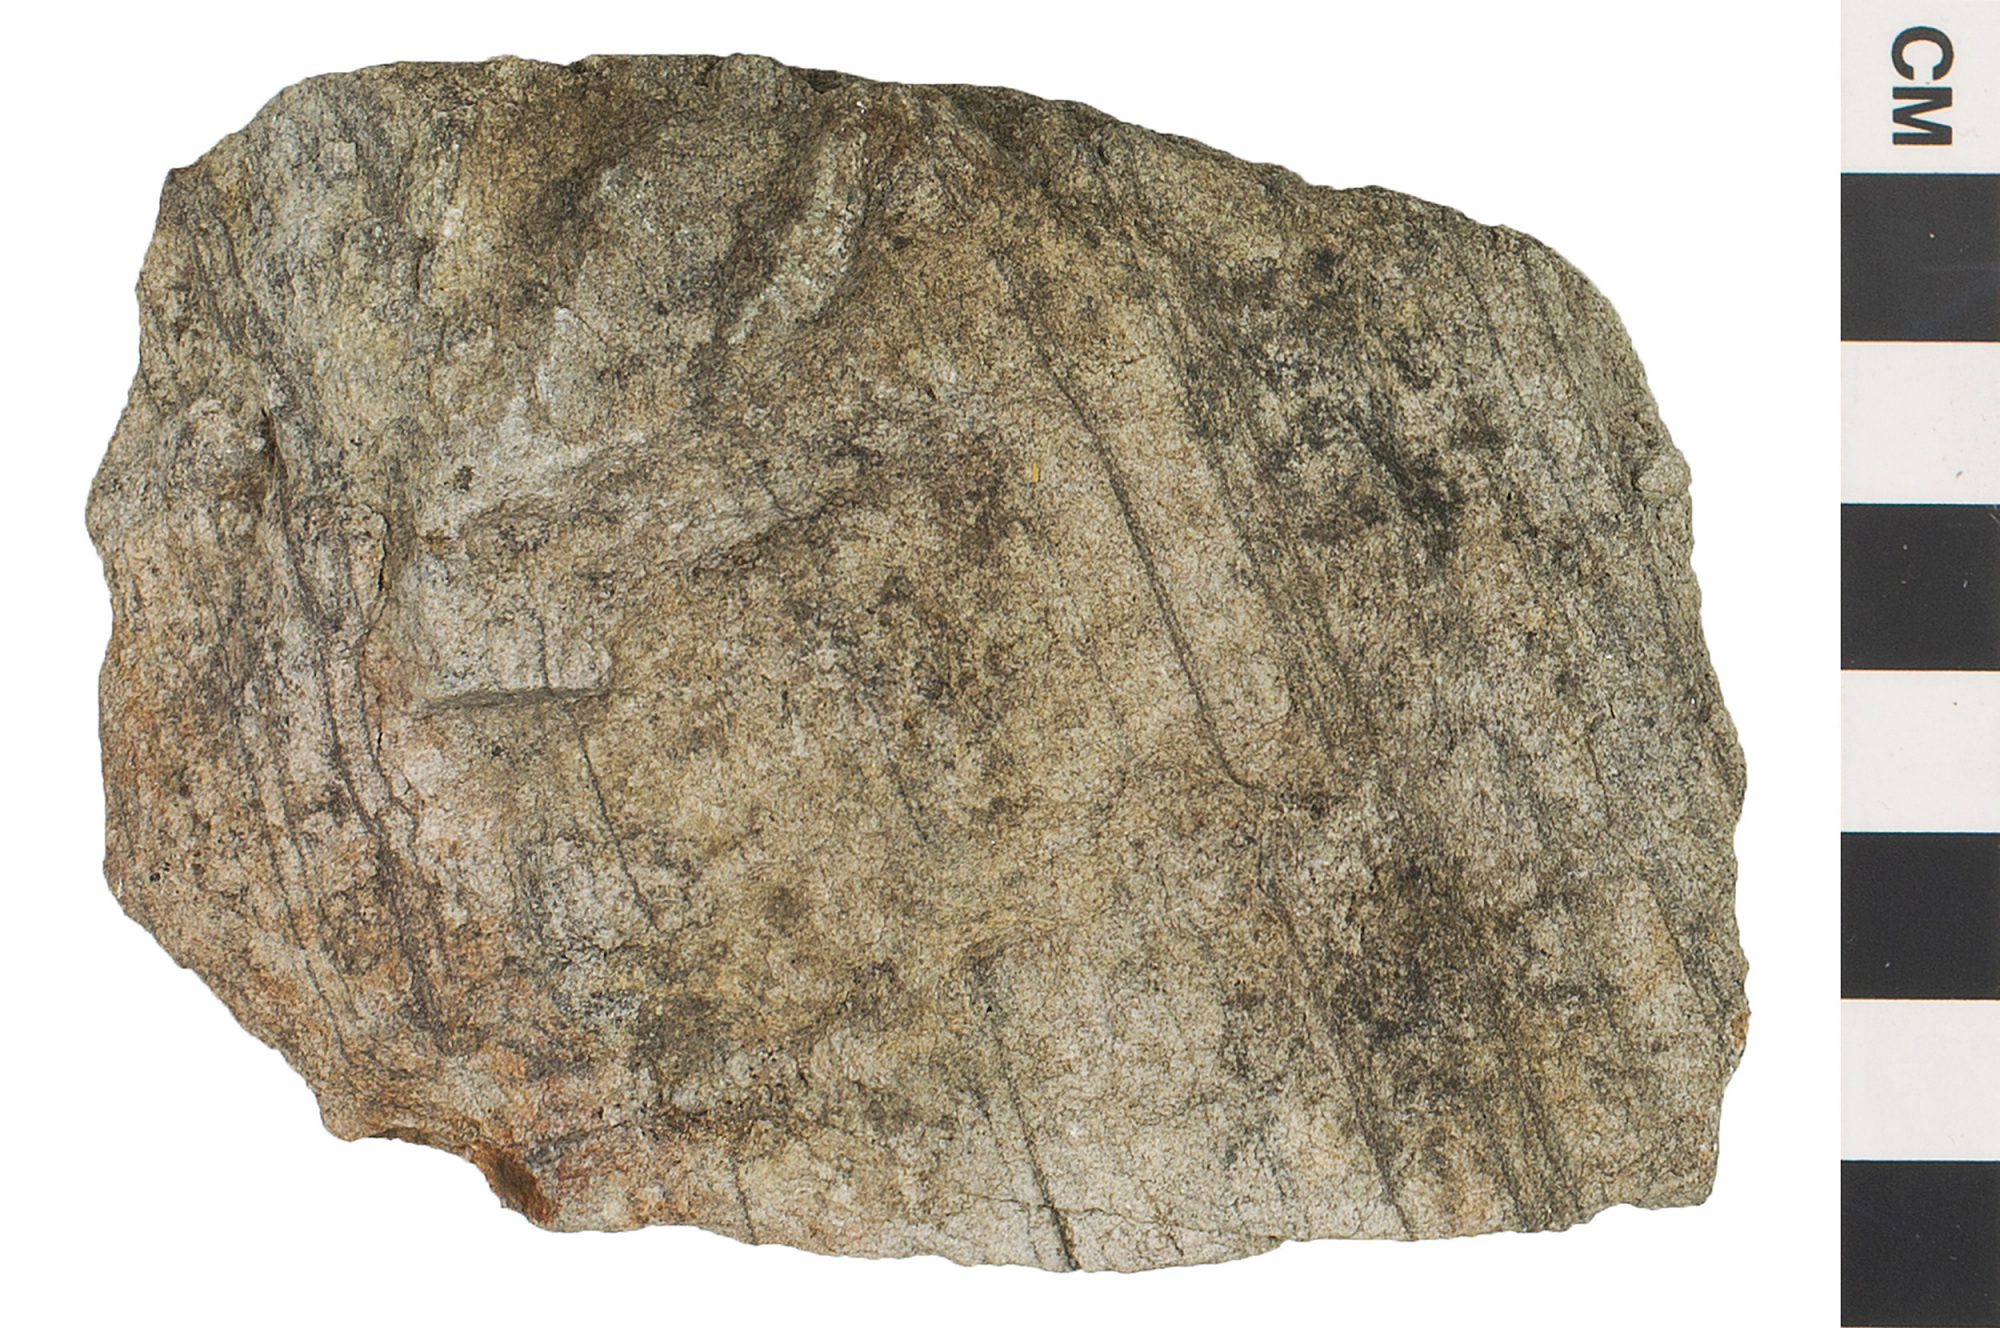 Quartzite Rocks Metamorphic Rock Quart...